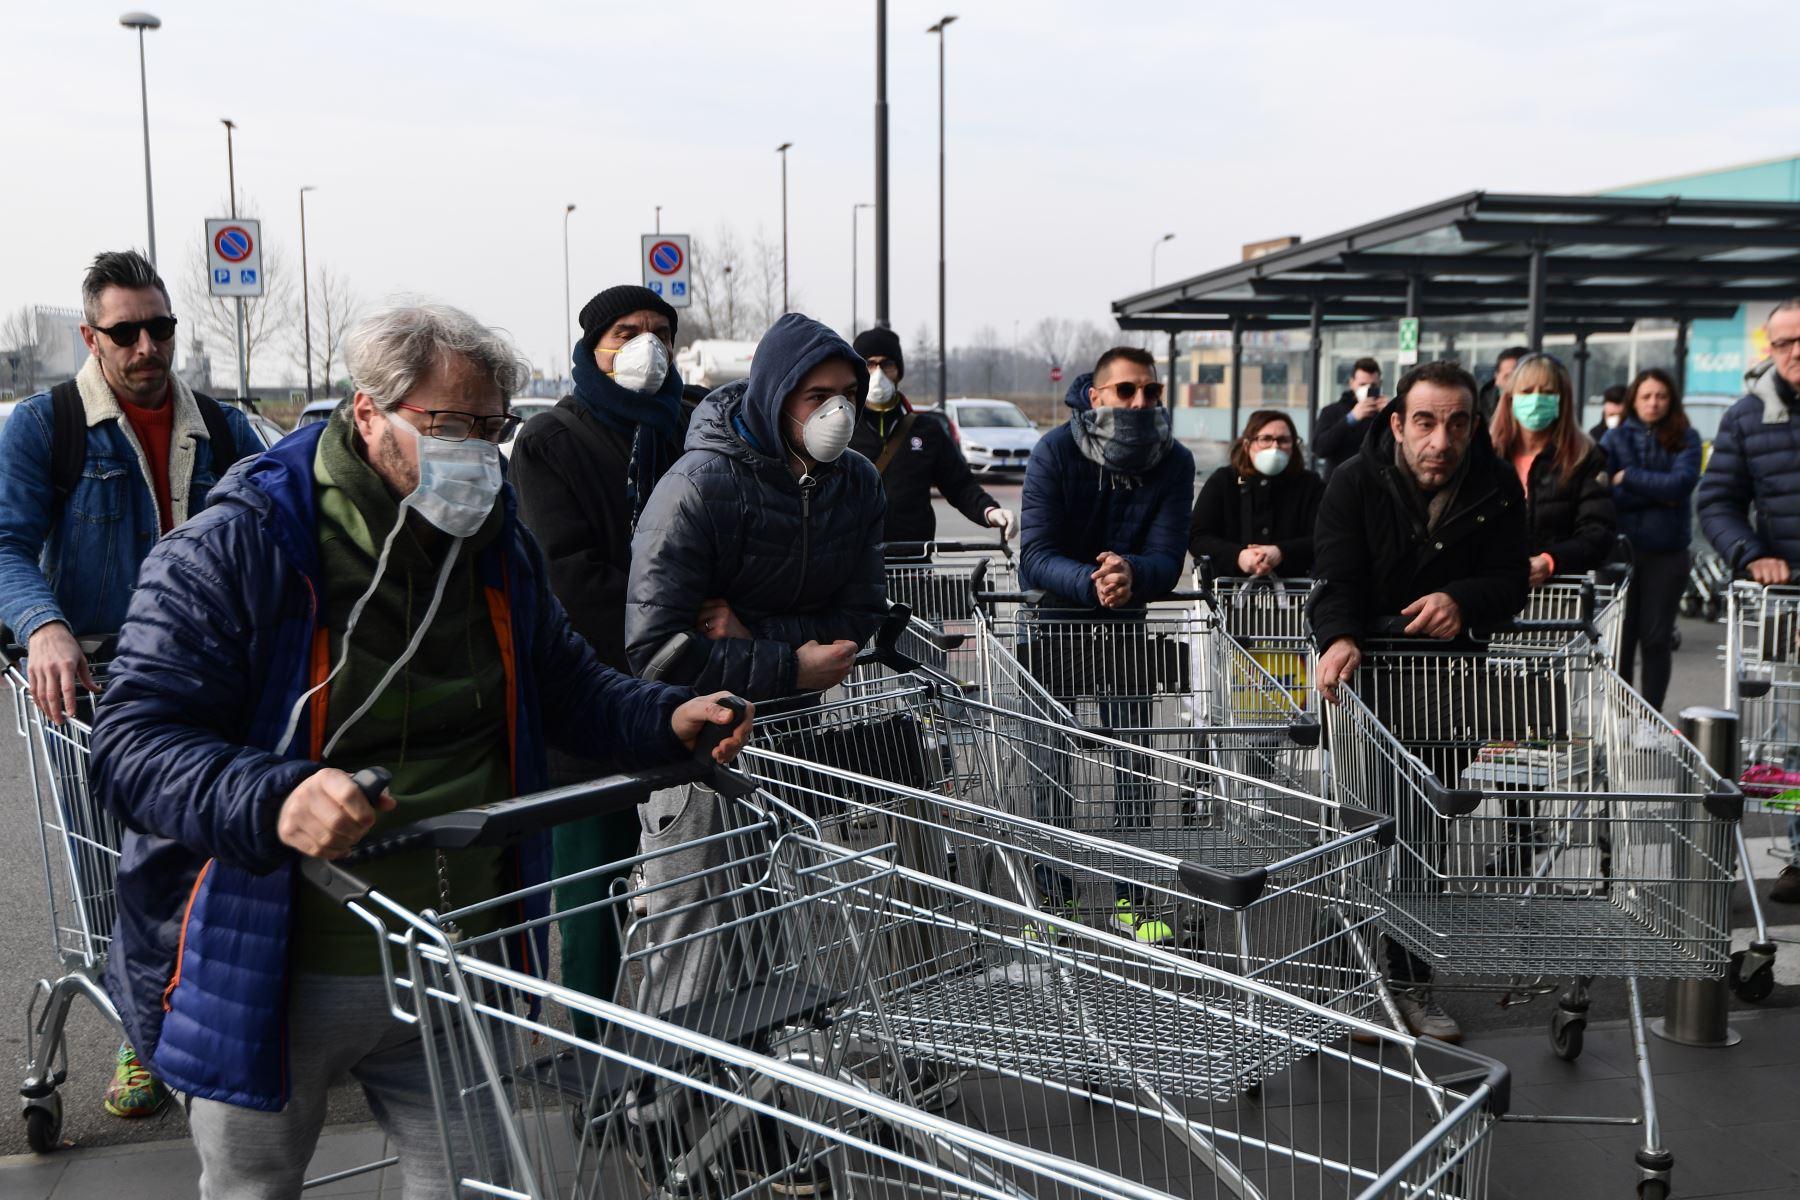 Los residentes esperan tener acceso a comprar en un supermercado en pequeños grupos de cuarenta personas  en la  ciudad italiana de Casalpusterlengo, a la sombra de un nuevo brote de coronavirus, mientras Italia tomó medidas drásticas de contención a medida que el mundo teme por el epidemia en espiral. AFP